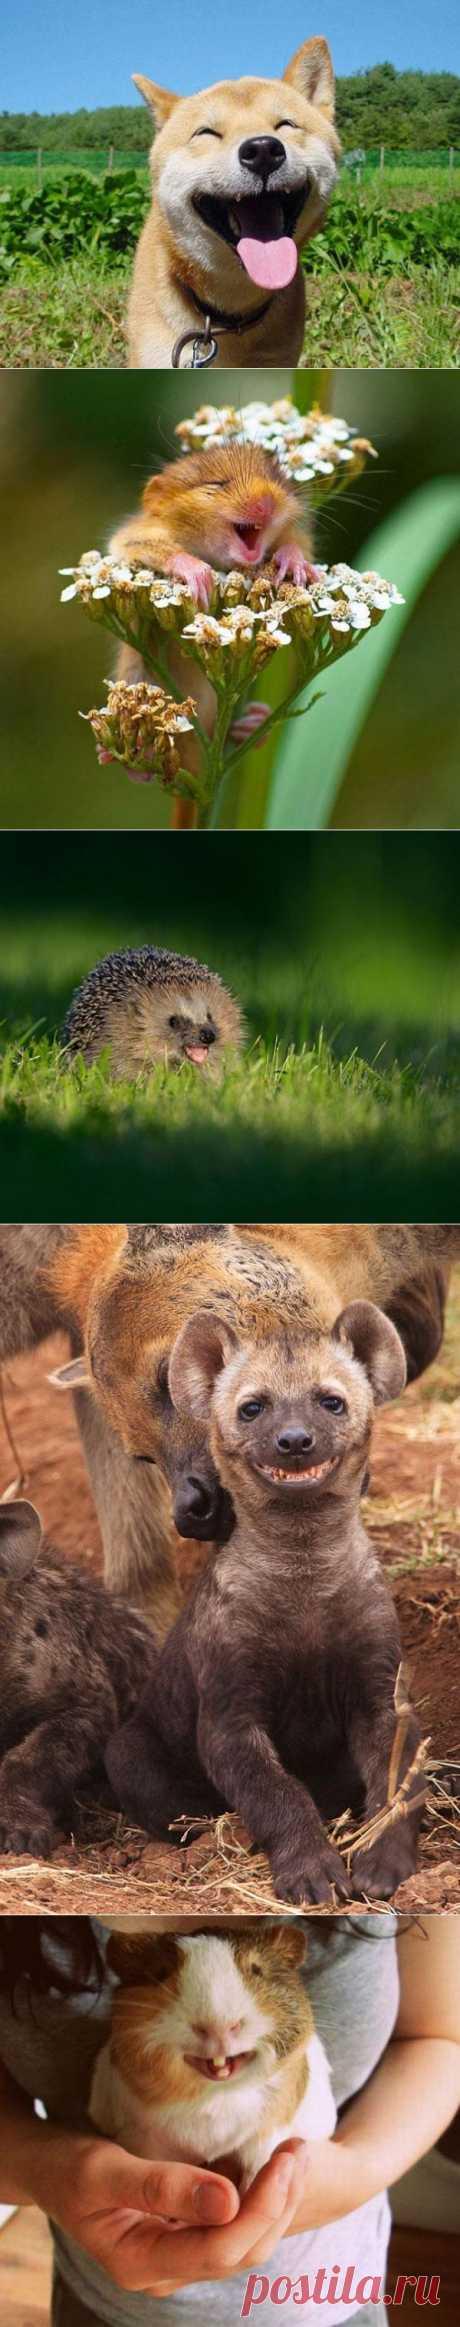 30 самых счастливых животных. Фото.